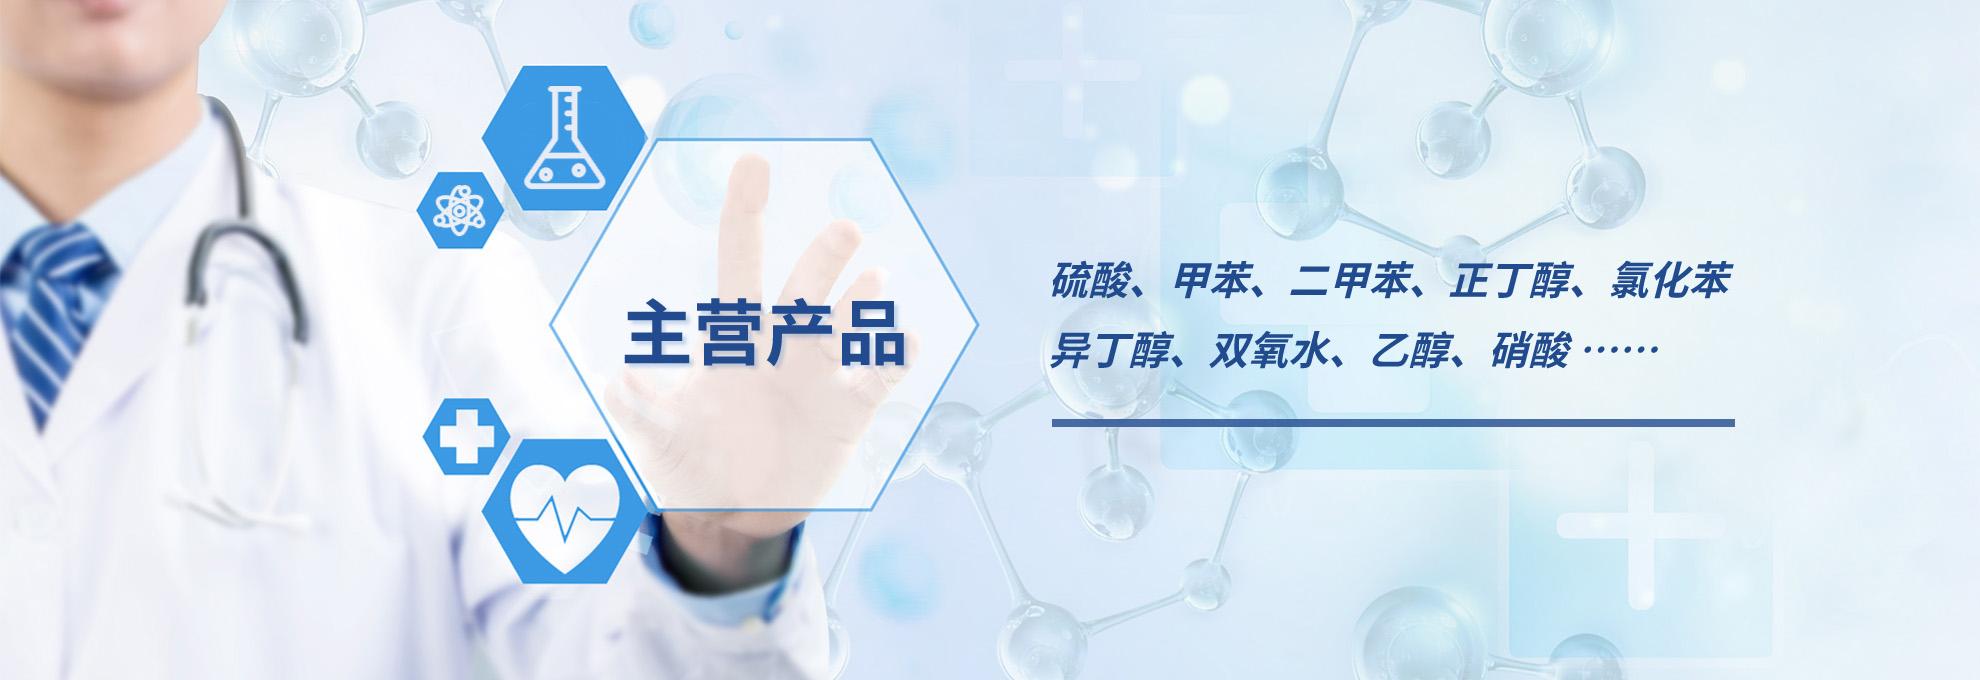 进口韩国LG新戊二醇